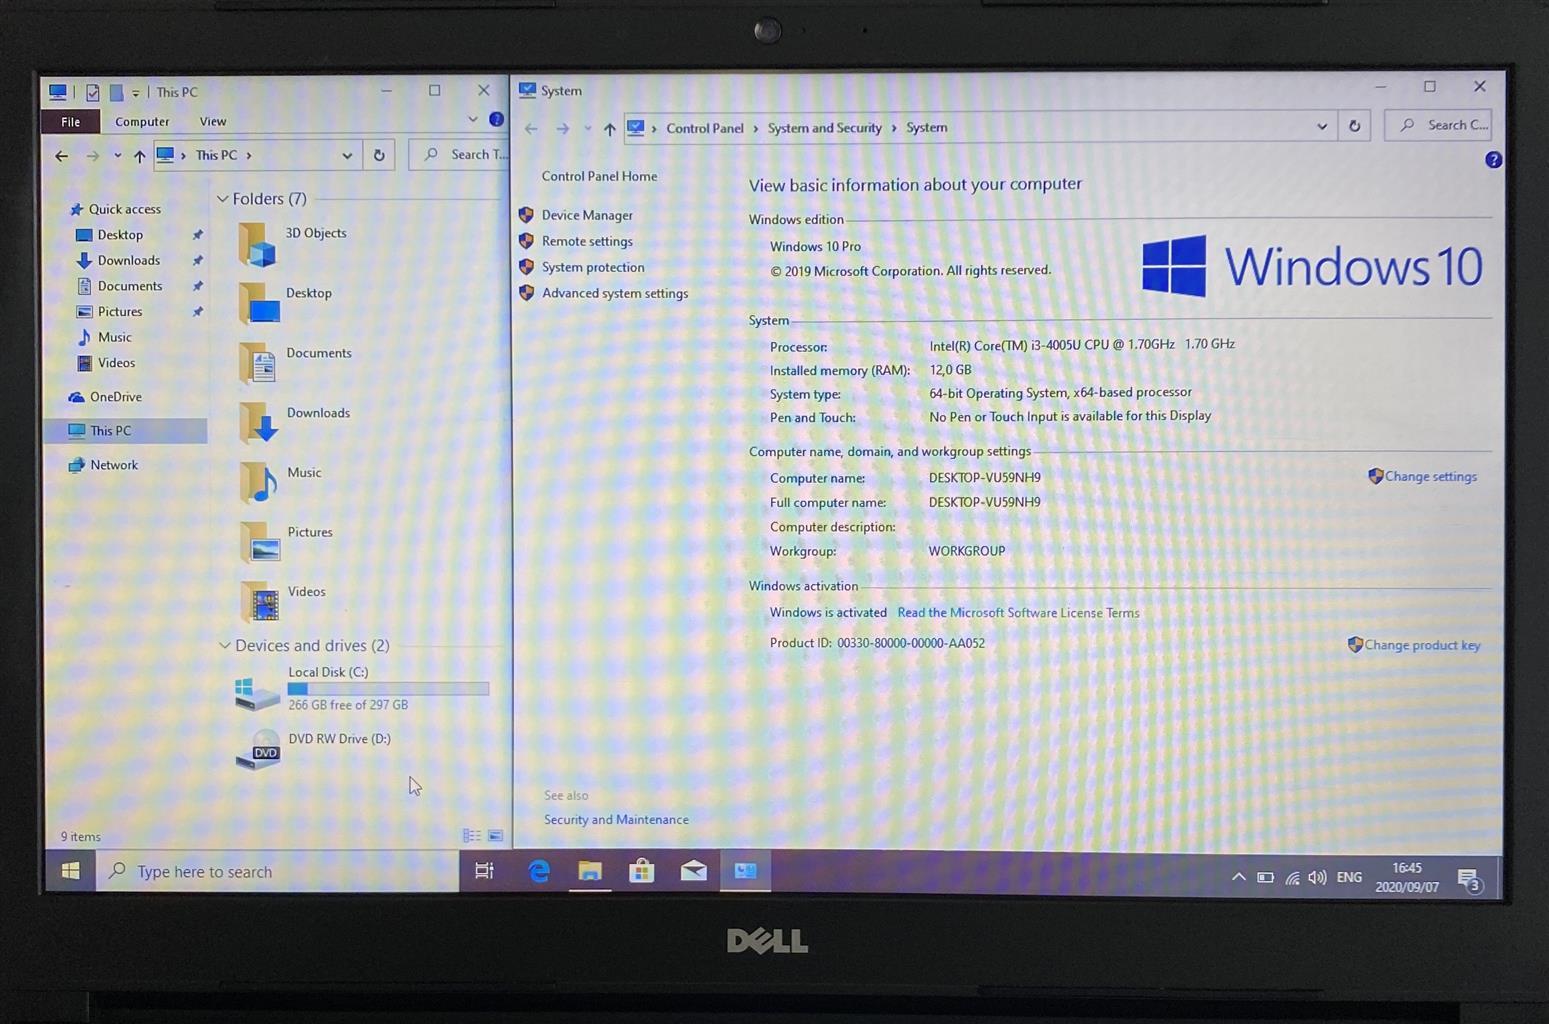 Dell Core i3 Beast 4th Gen. Laptop